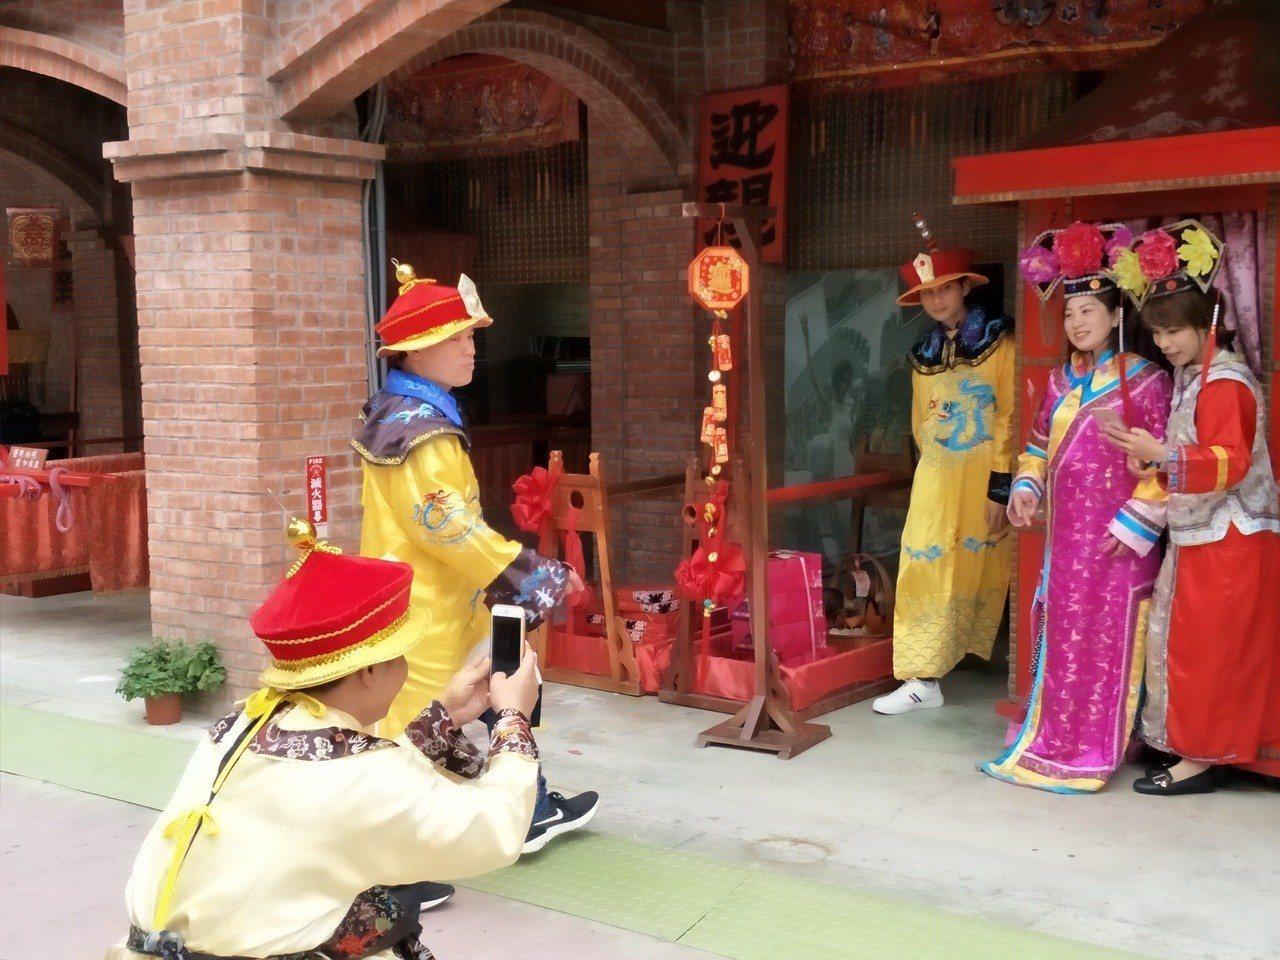 入園遊客身穿宮廷戲服,彷彿穿越時空,一起拍照體驗享受樂趣。記者謝進盛/攝影